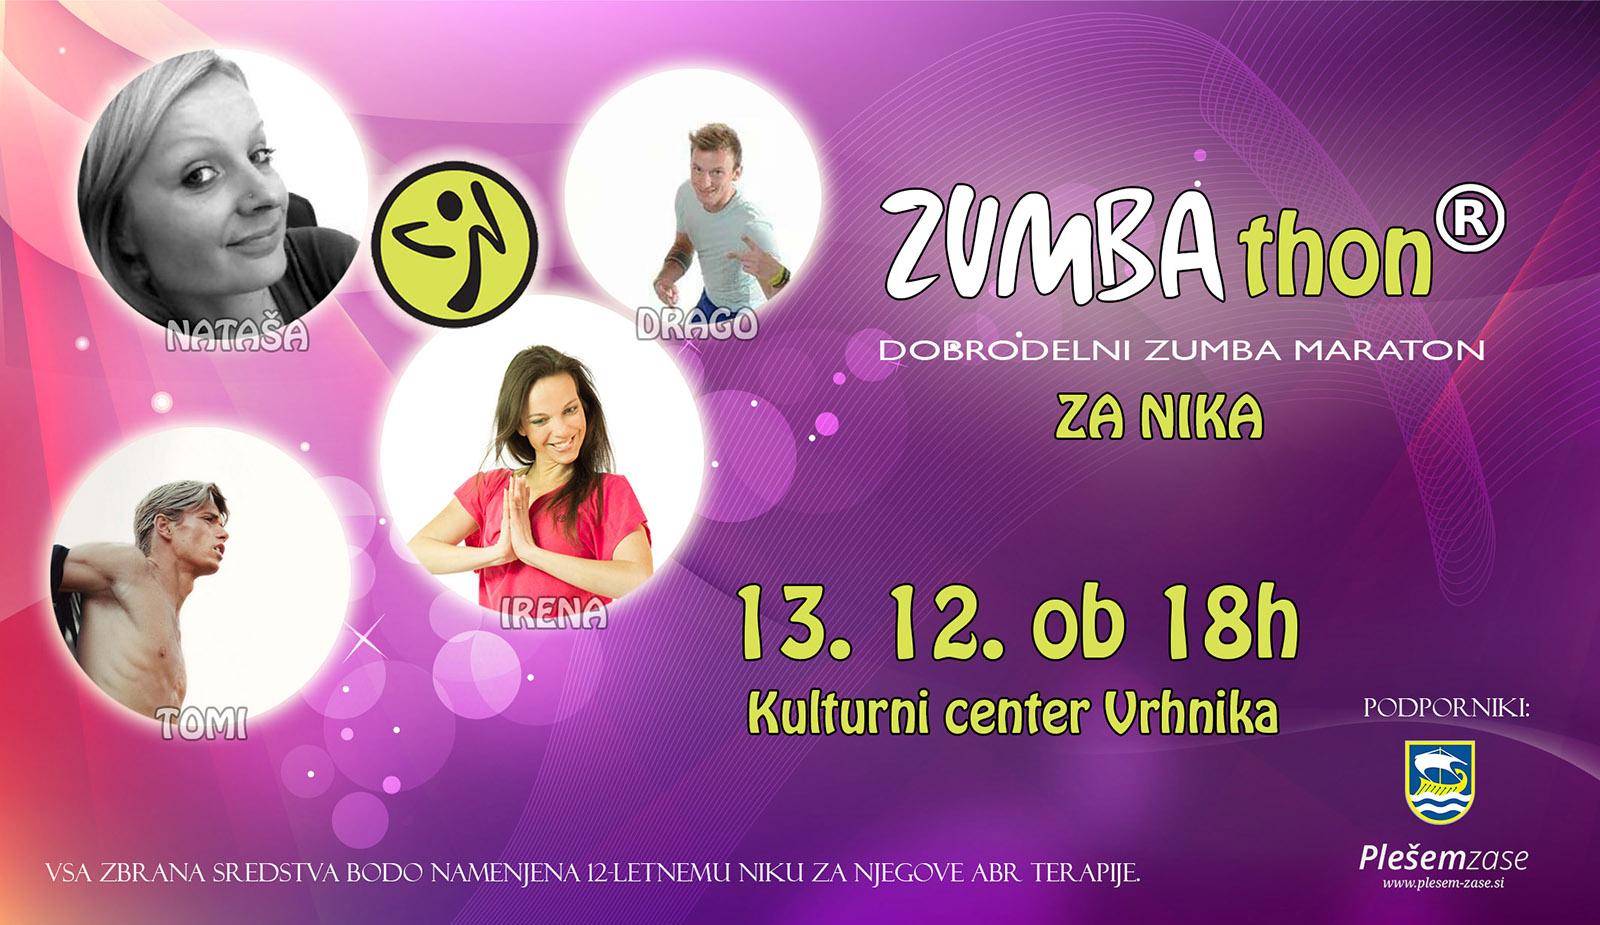 FINAL-Zumbathon13-12-2014 w1600 v2